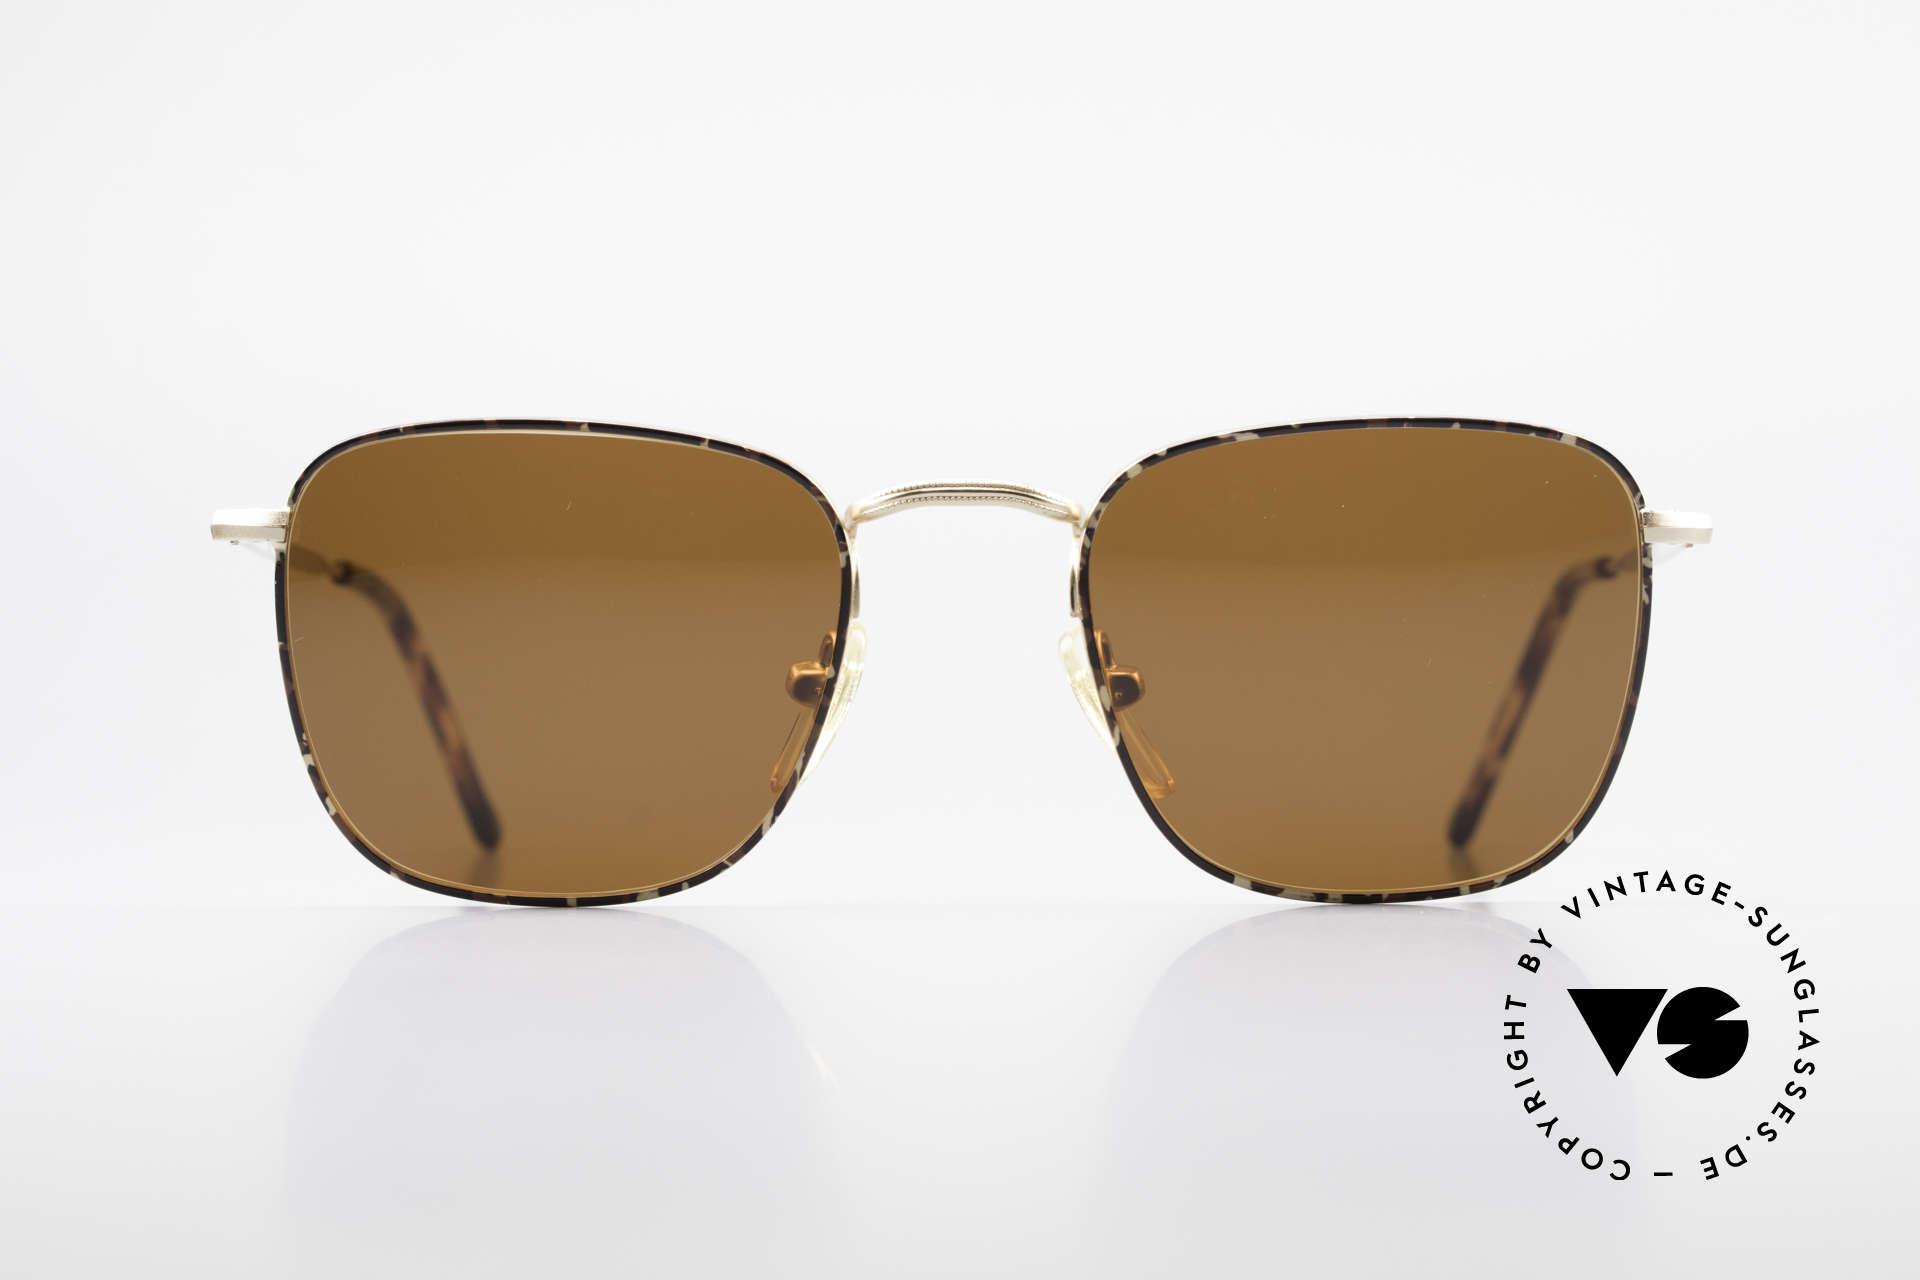 Giorgio Armani 137 Eckige Panto Vintage Brille, eckige Panto-Form; ein absoluter Brillen-Klassiker!, Passend für Herren